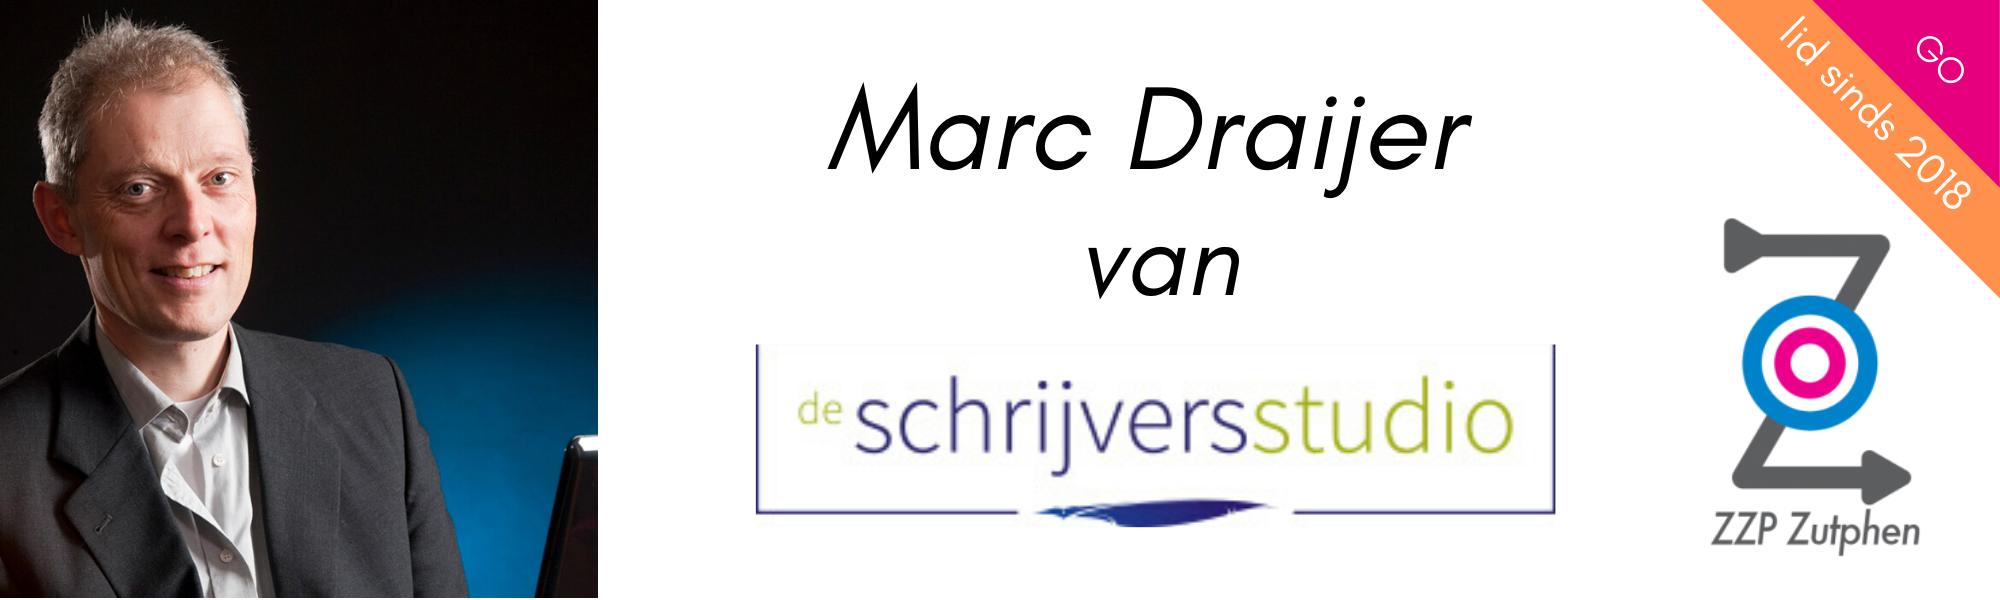 Marc-Draijer-DeSchrijversstudio-Zutphen